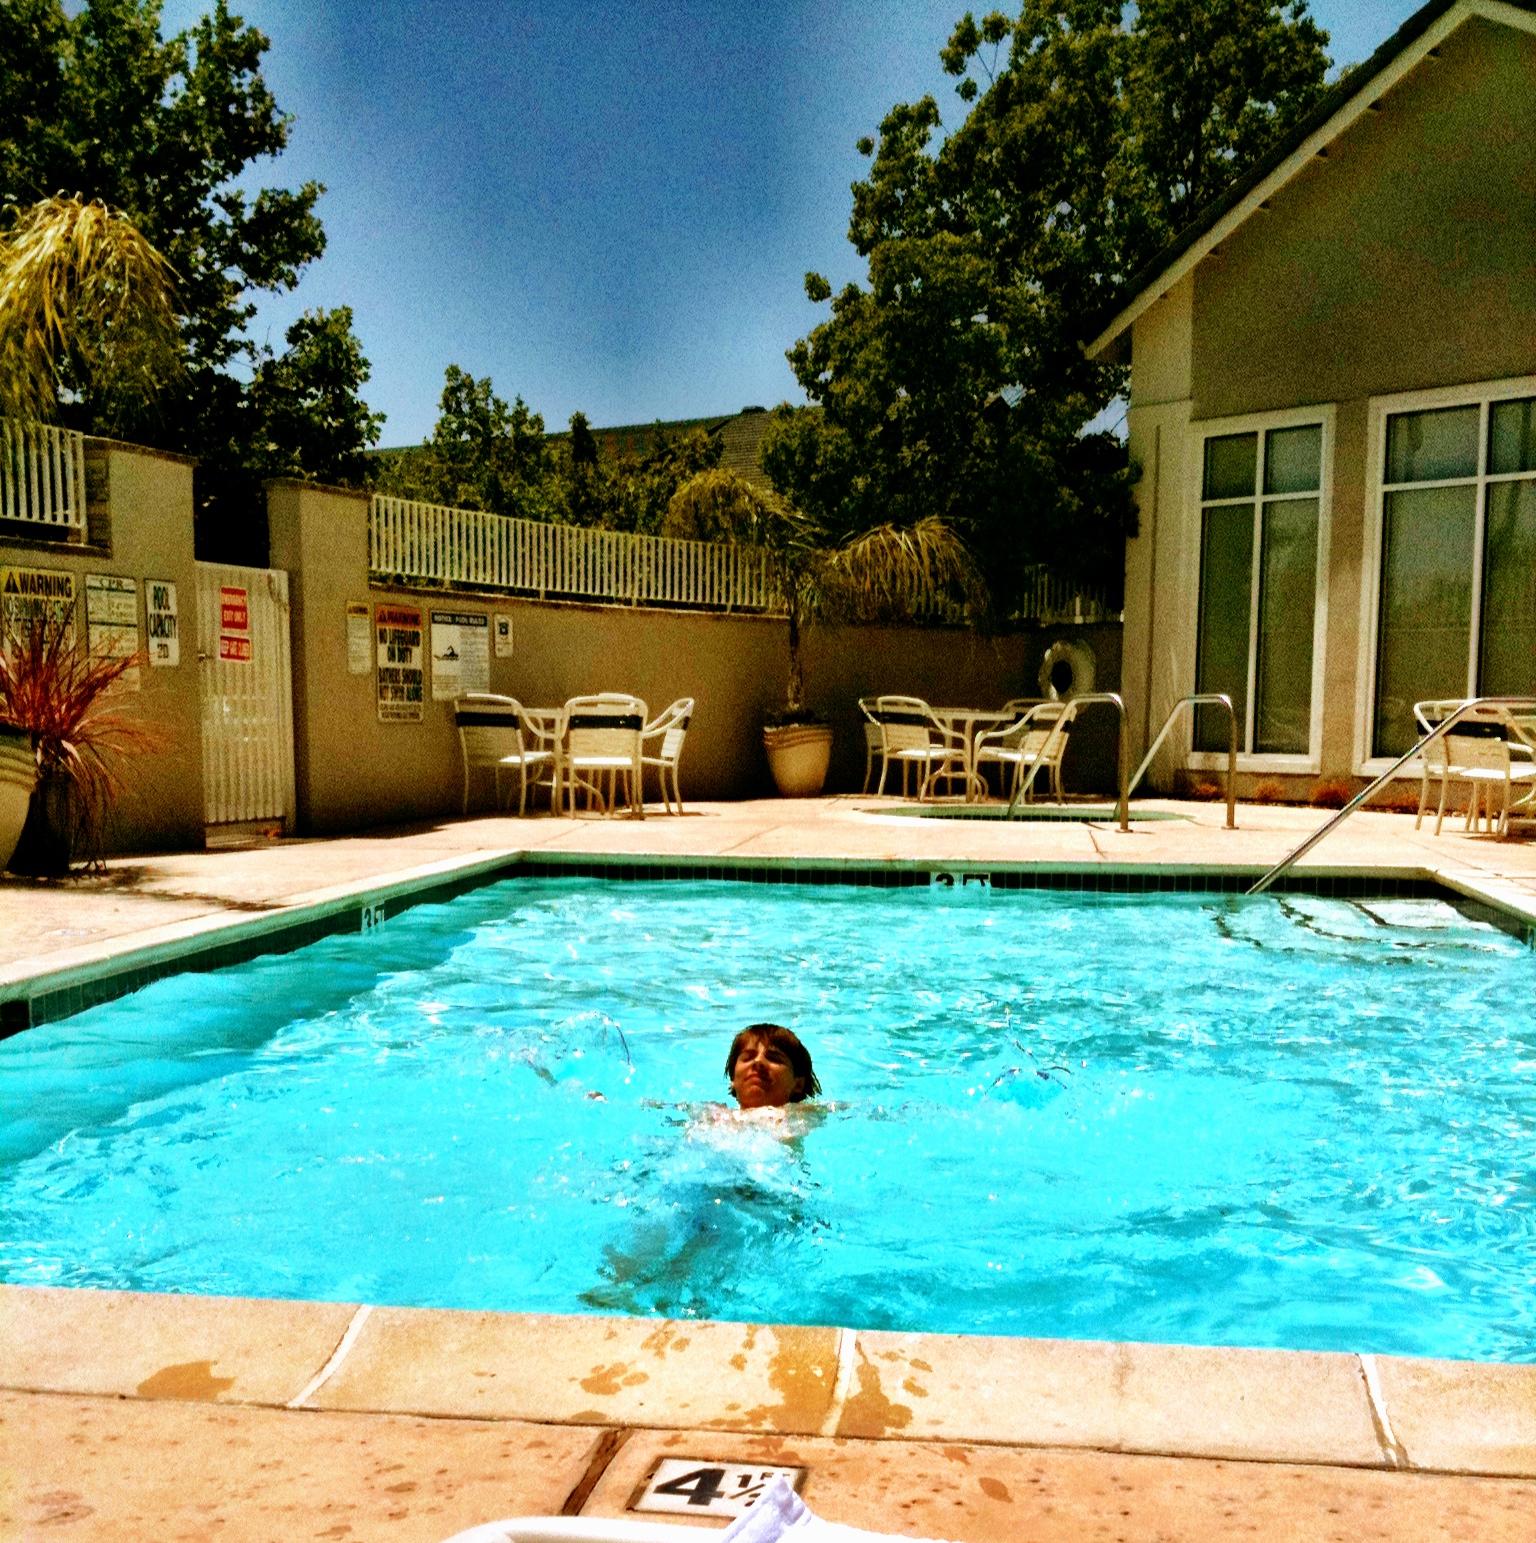 N swim